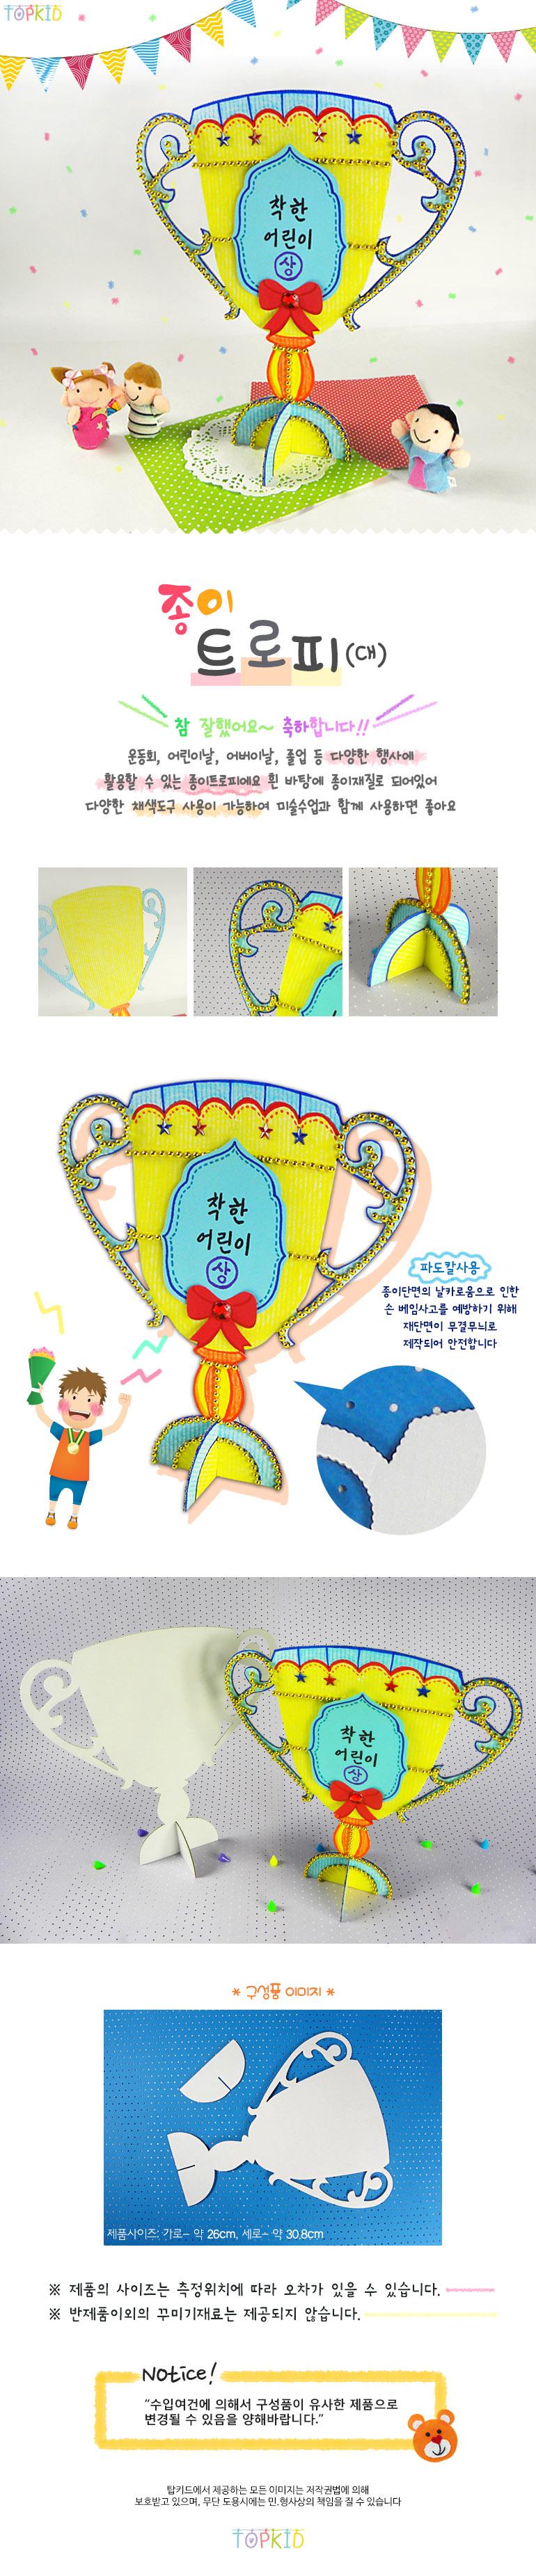 종이트로피(대) - 탑키드, 1,000원, 종이공예/북아트, 종이공예 패키지